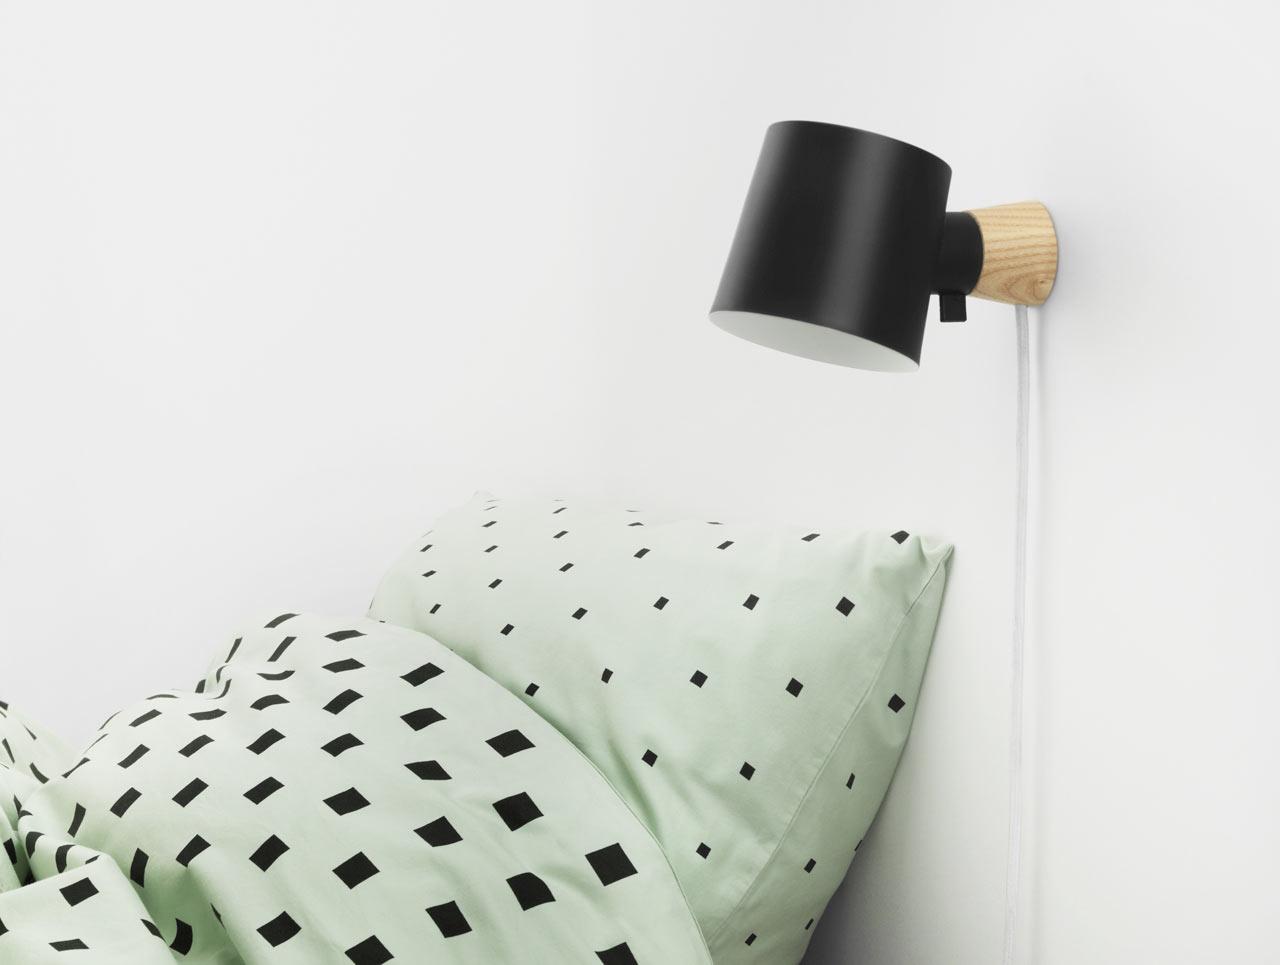 Rise Wall Lamp from Normann Copenhagen